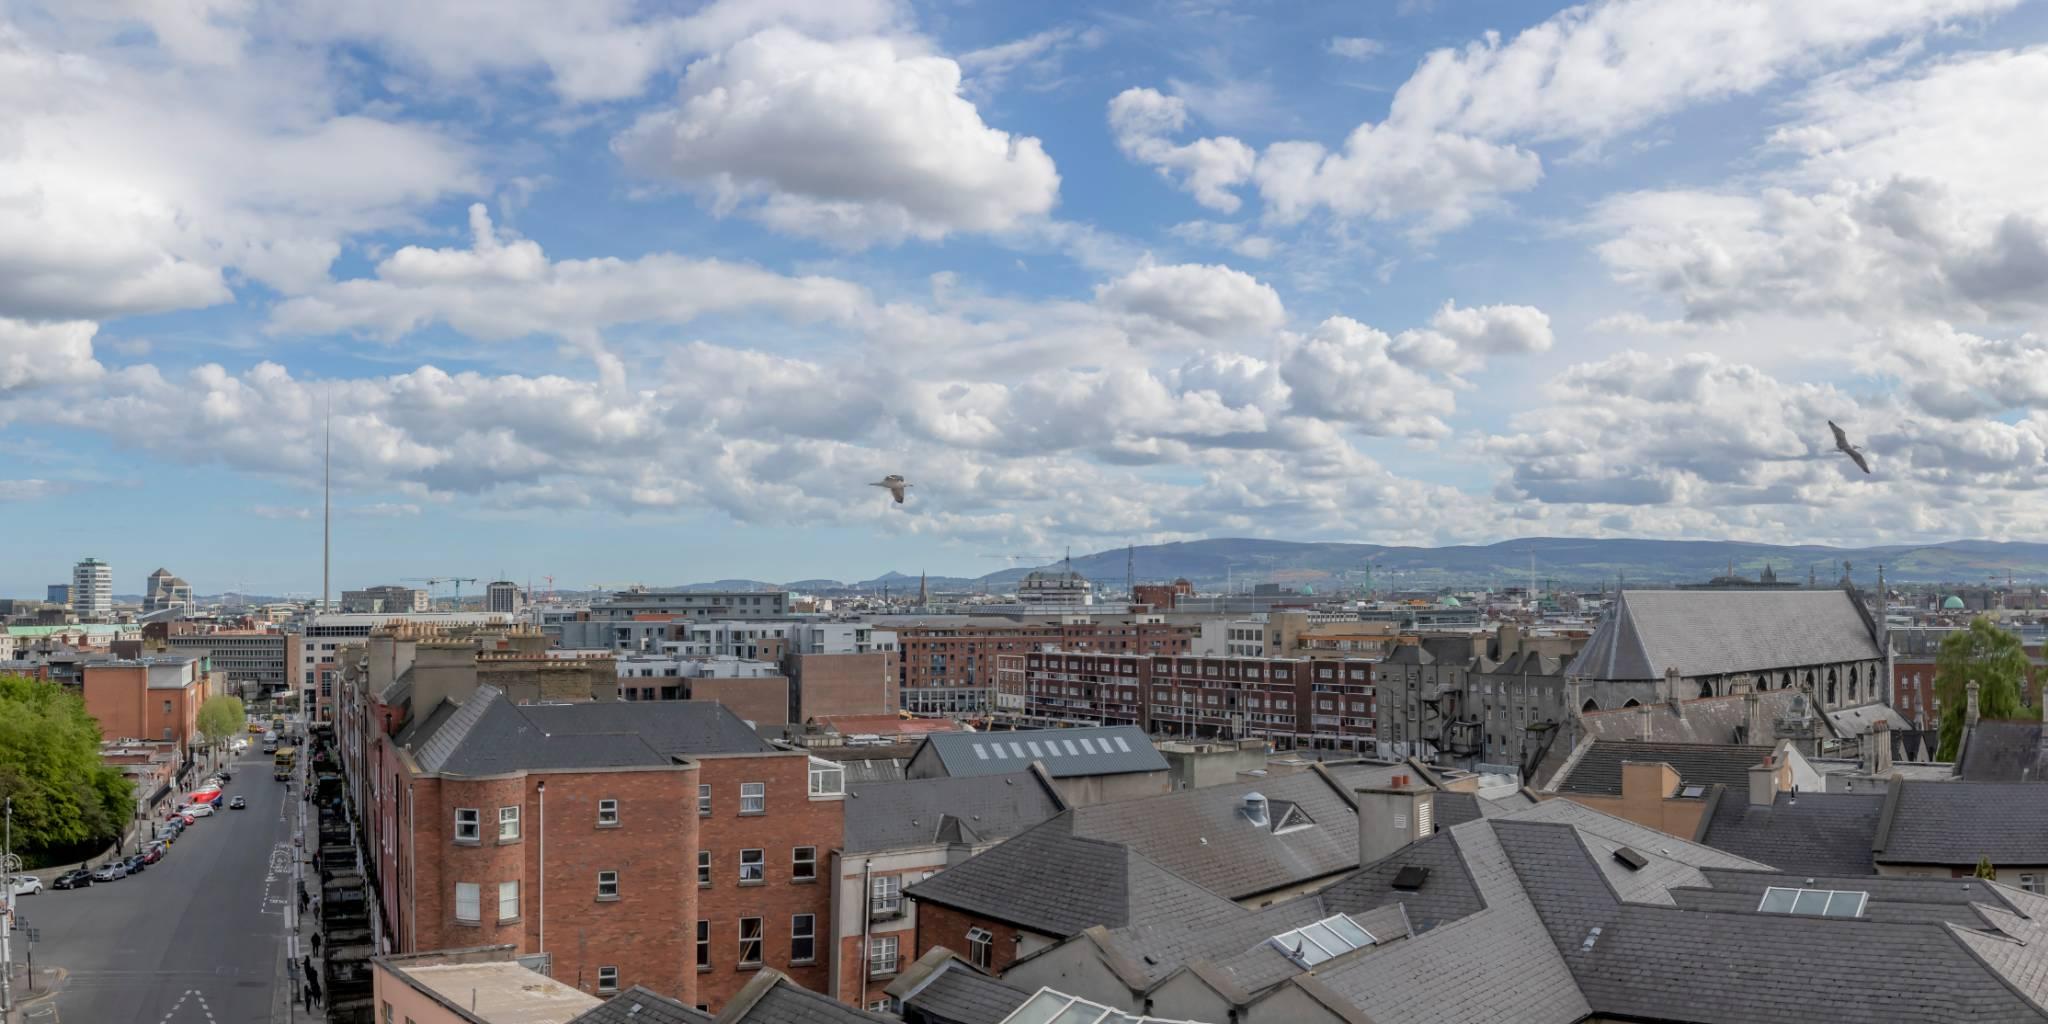 View-Maldron-Hotel-Parnell-Square